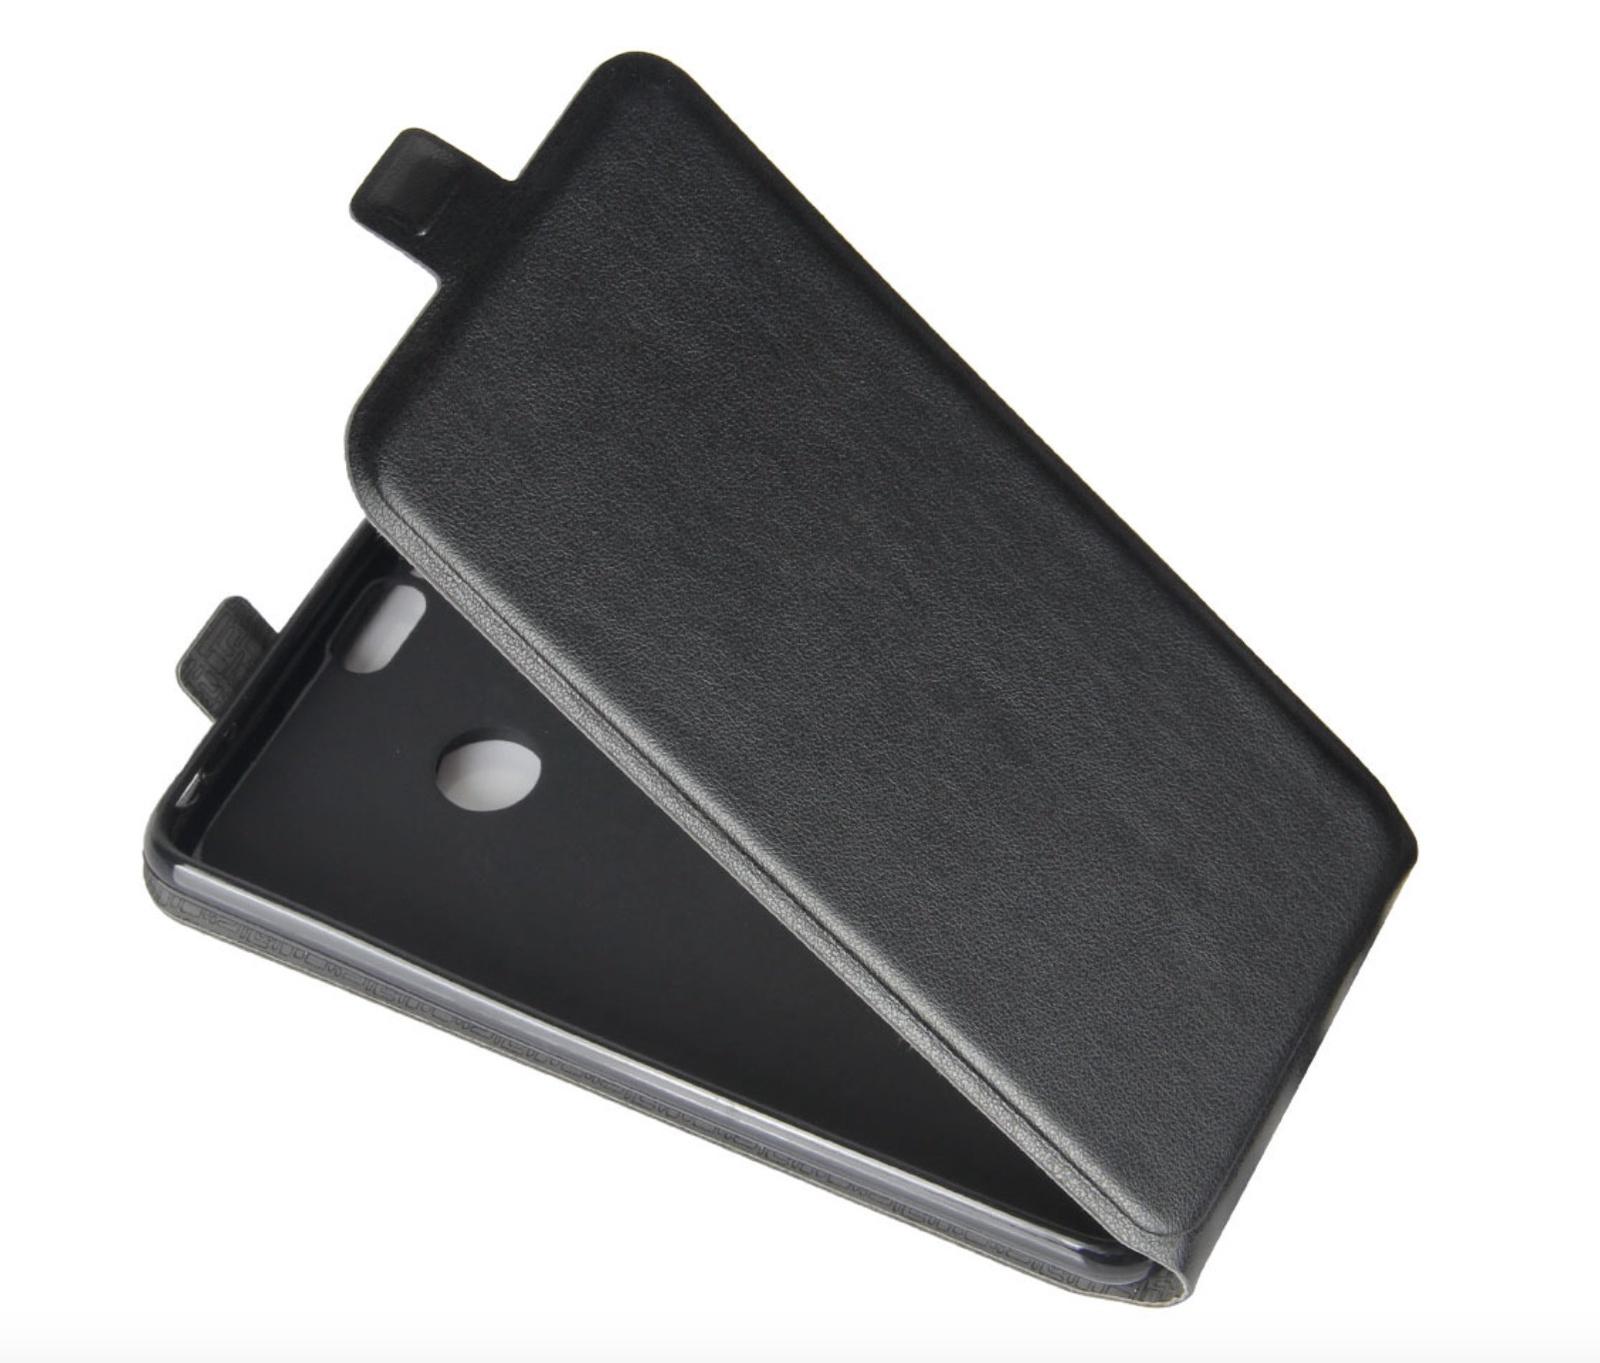 Фото - Чехол-флип MyPads для Motorola Moto X Force (XT1585 / XT1581) вертикальный откидной черный чехол флип кейс motorola flip cover для motorola moto e черный [pg38c01793]